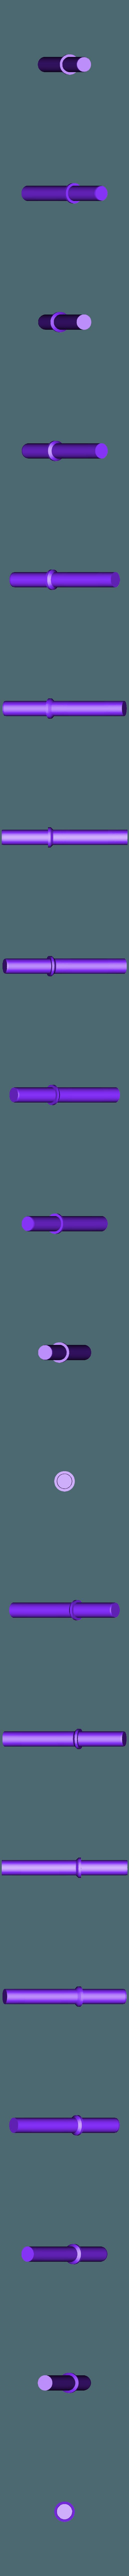 5_shaft_right.stl Télécharger fichier STL gratuit Wind-Up Boat Dual Drive - sans vis - impression complète en 3d • Objet pour imprimante 3D, GreenDot